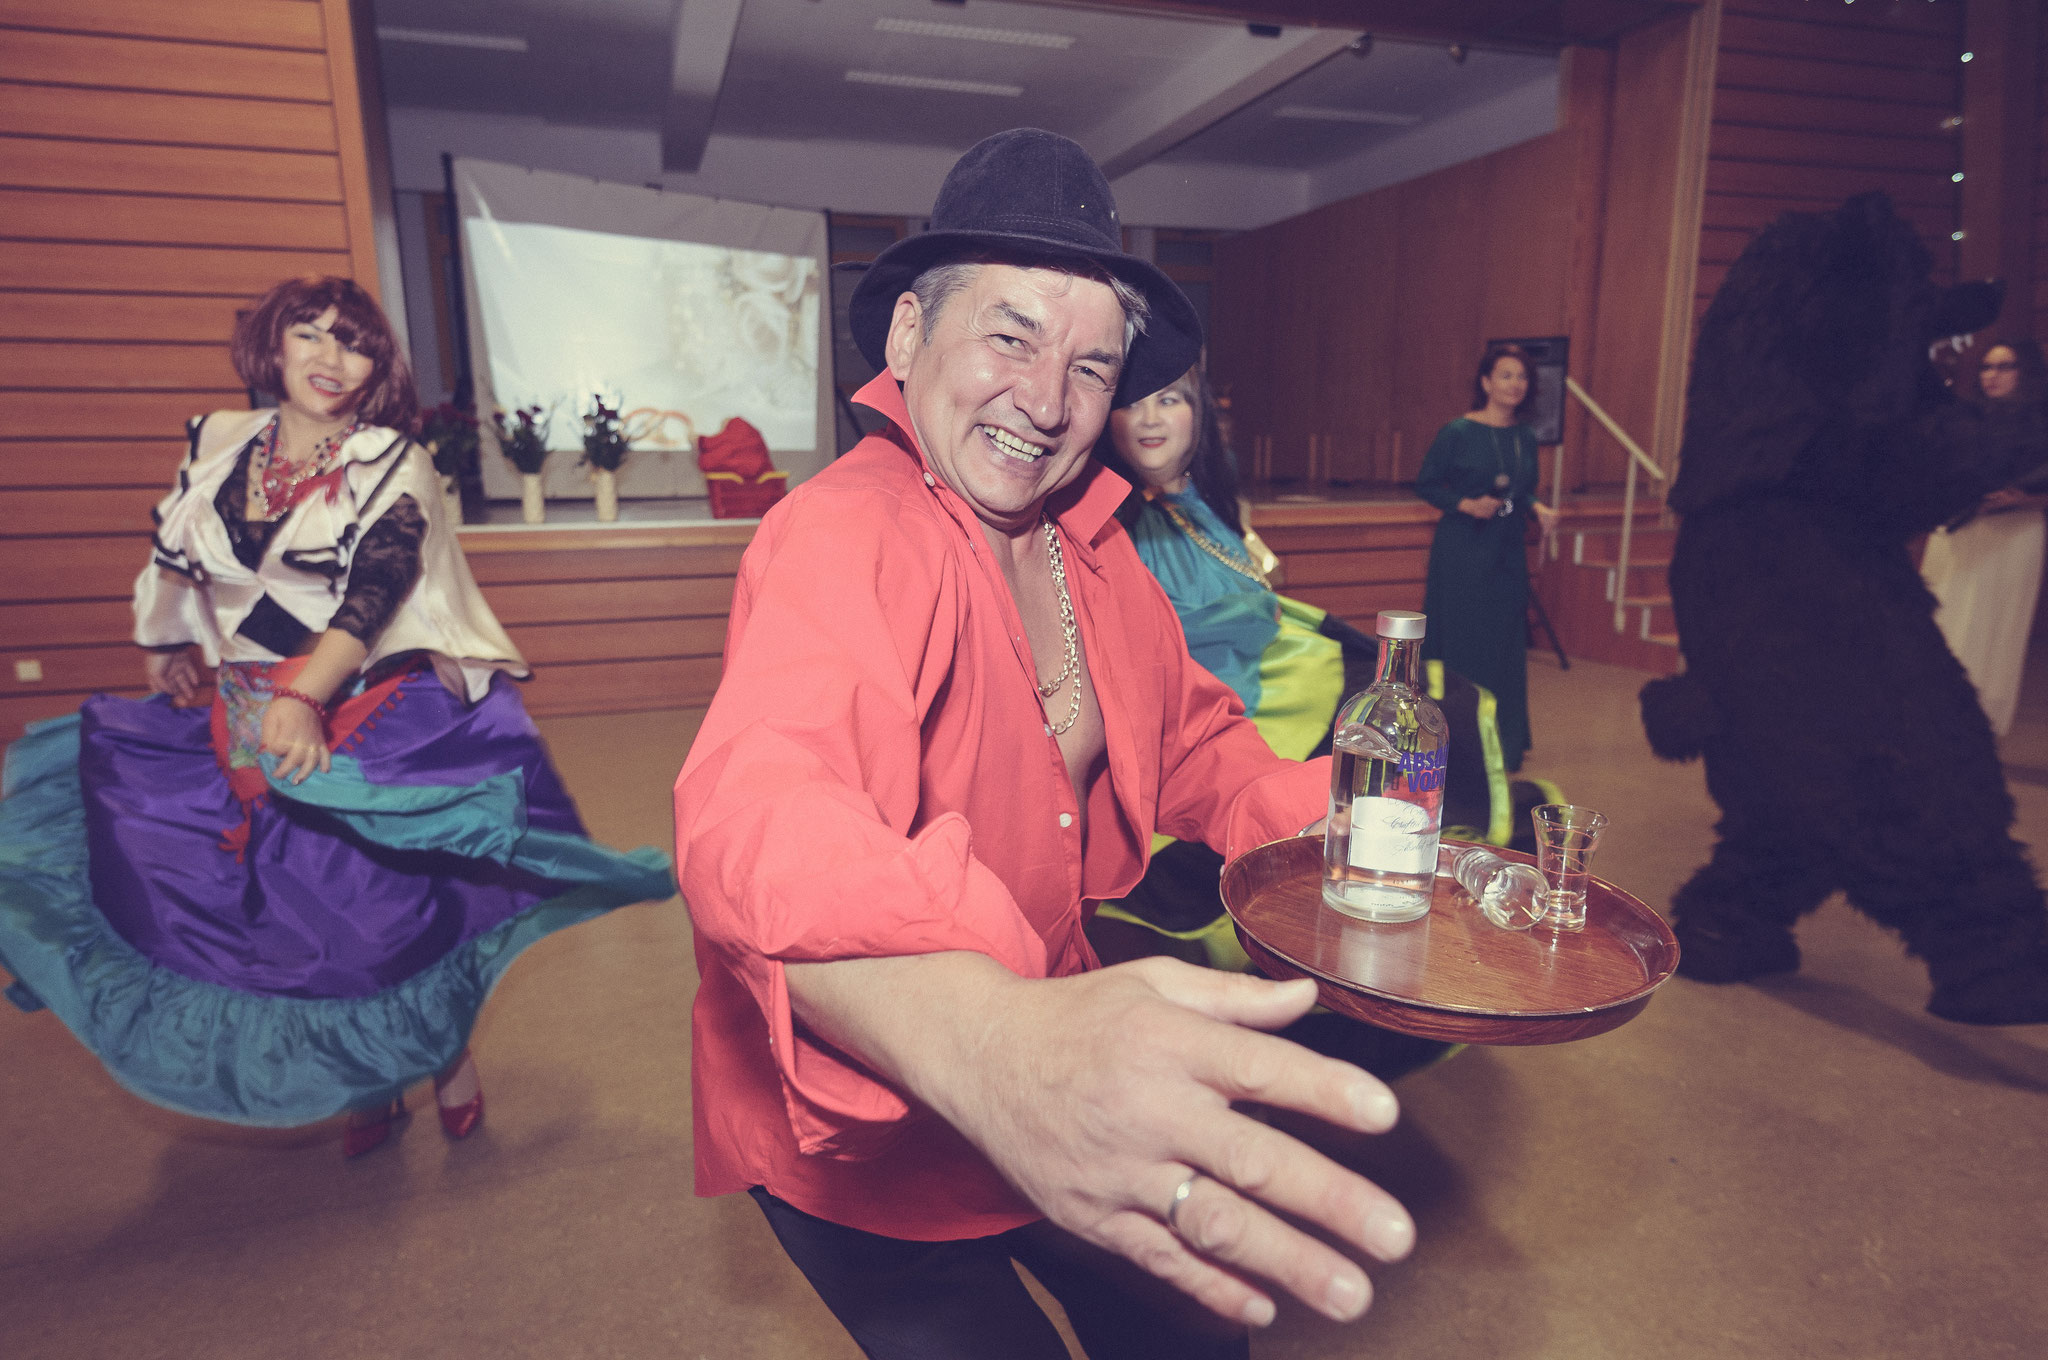 Hochzeitsfeier ganz auf Russisch mit viel Liebe zu den Gästen